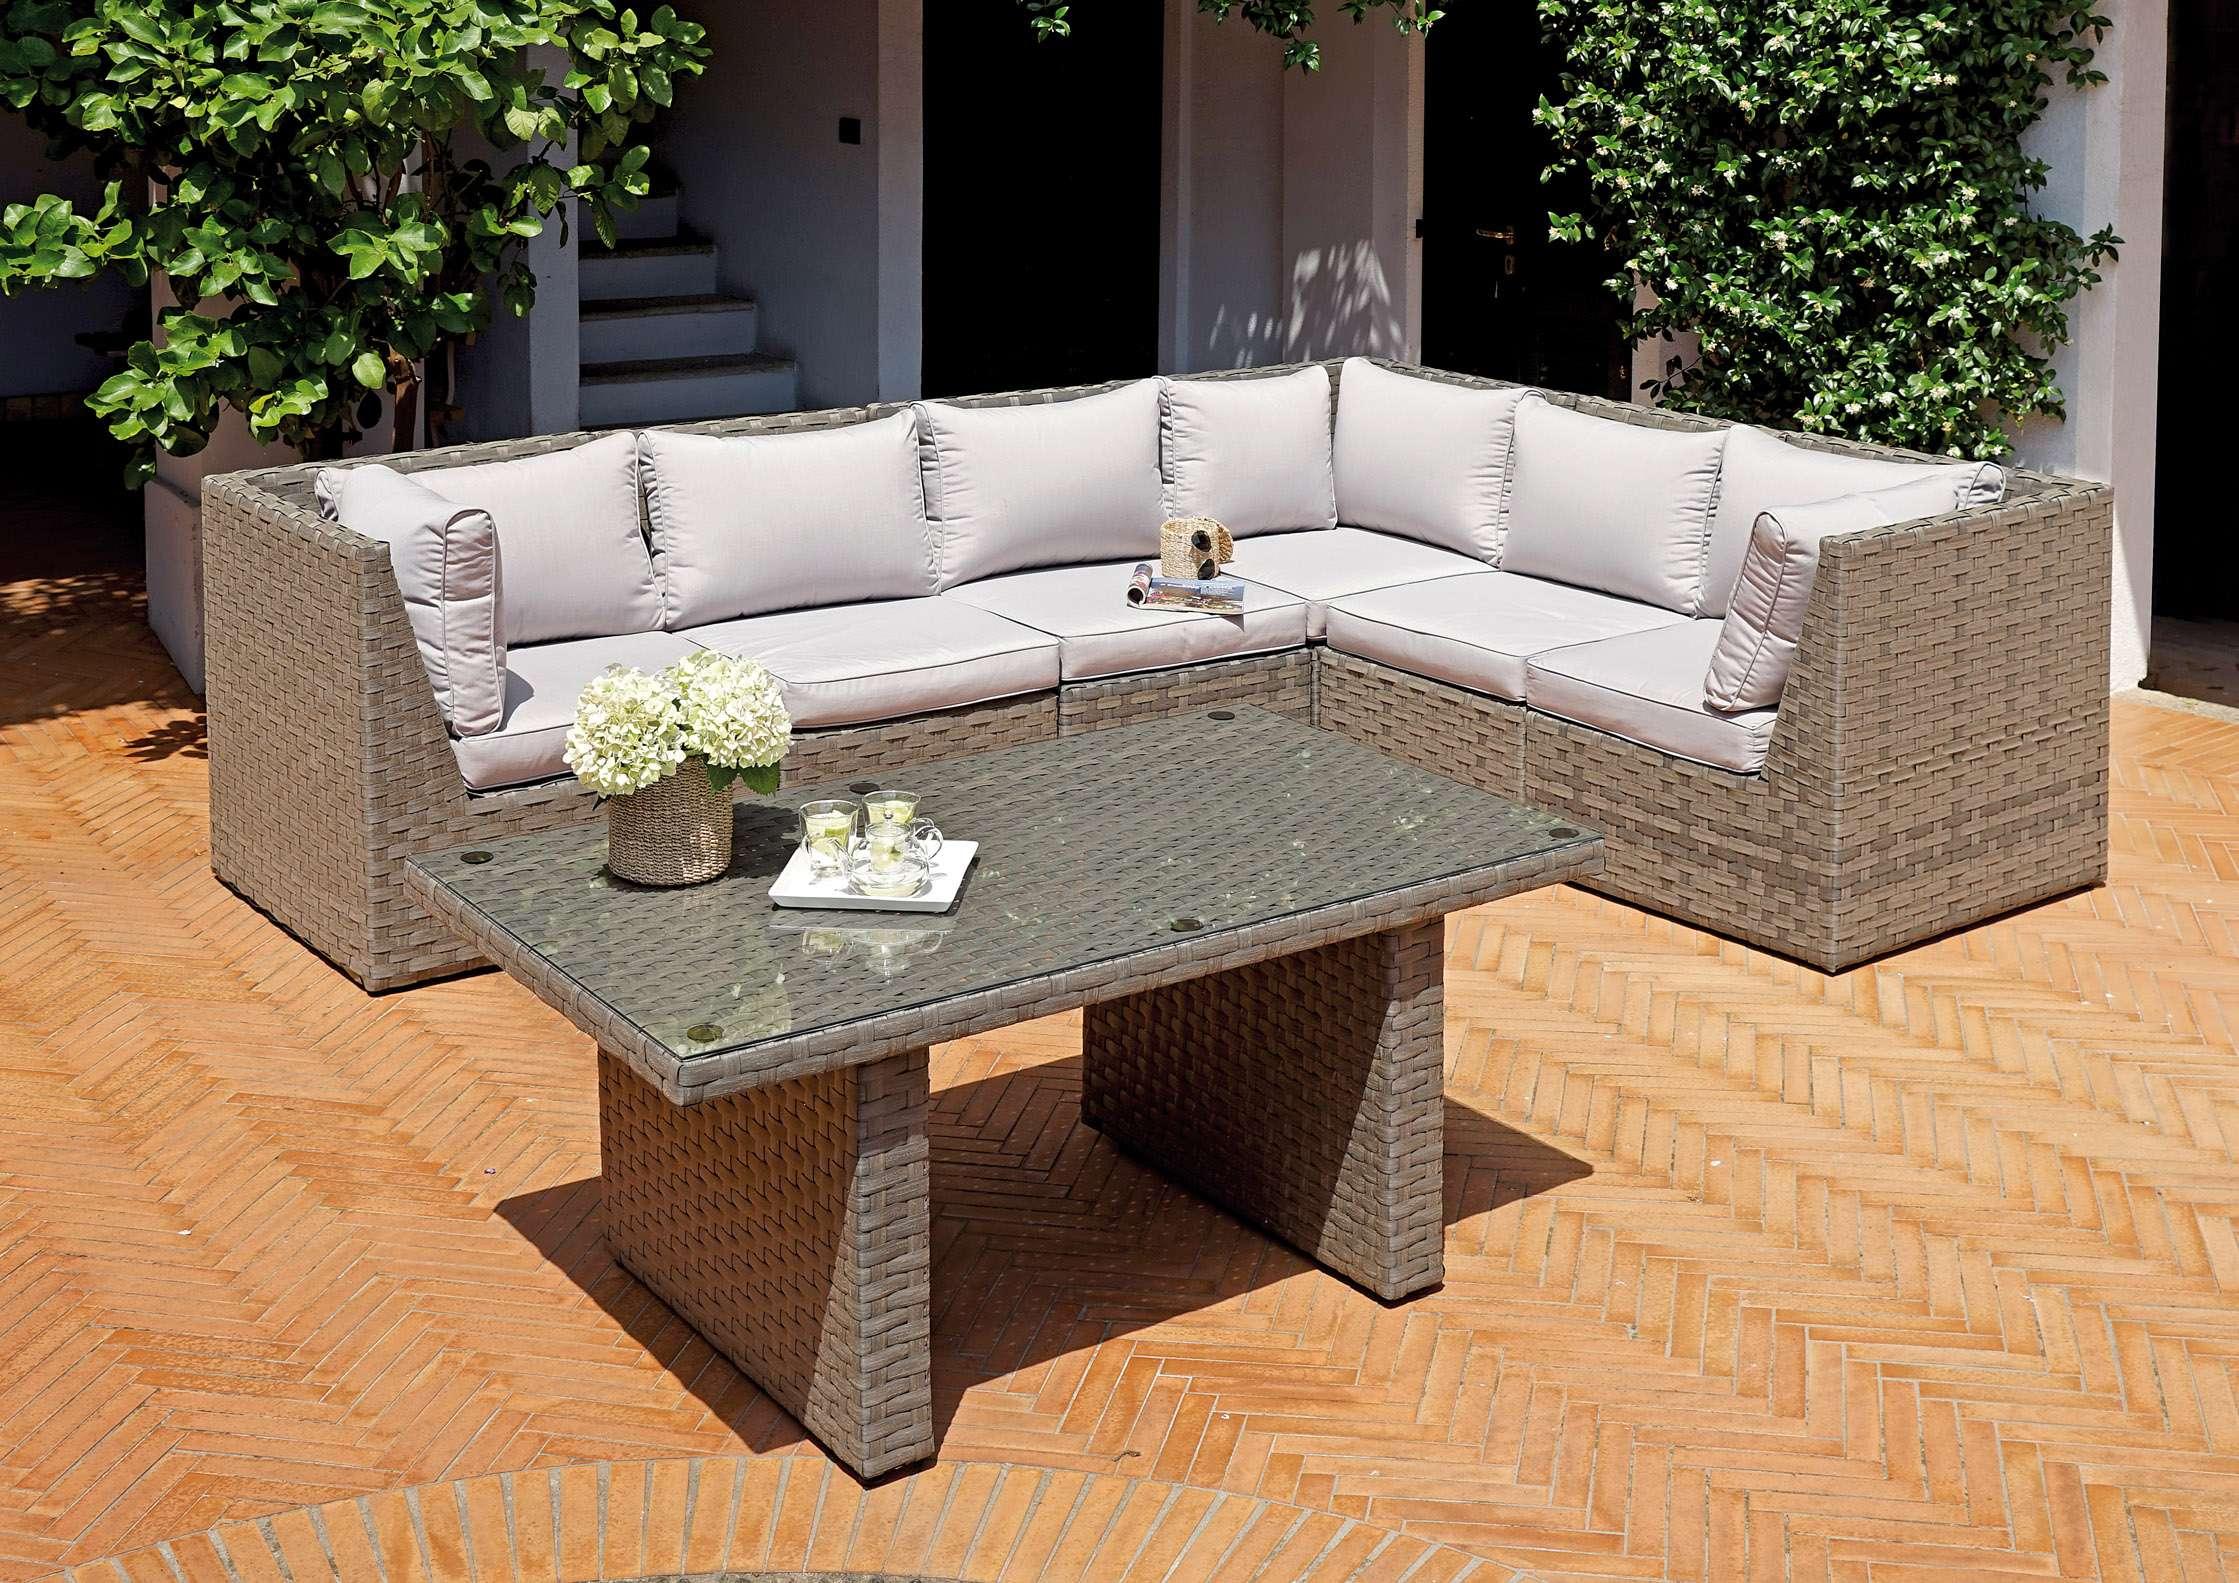 Set agrigento greenwood mobili da giardino - Mobili da giardino in teak ...